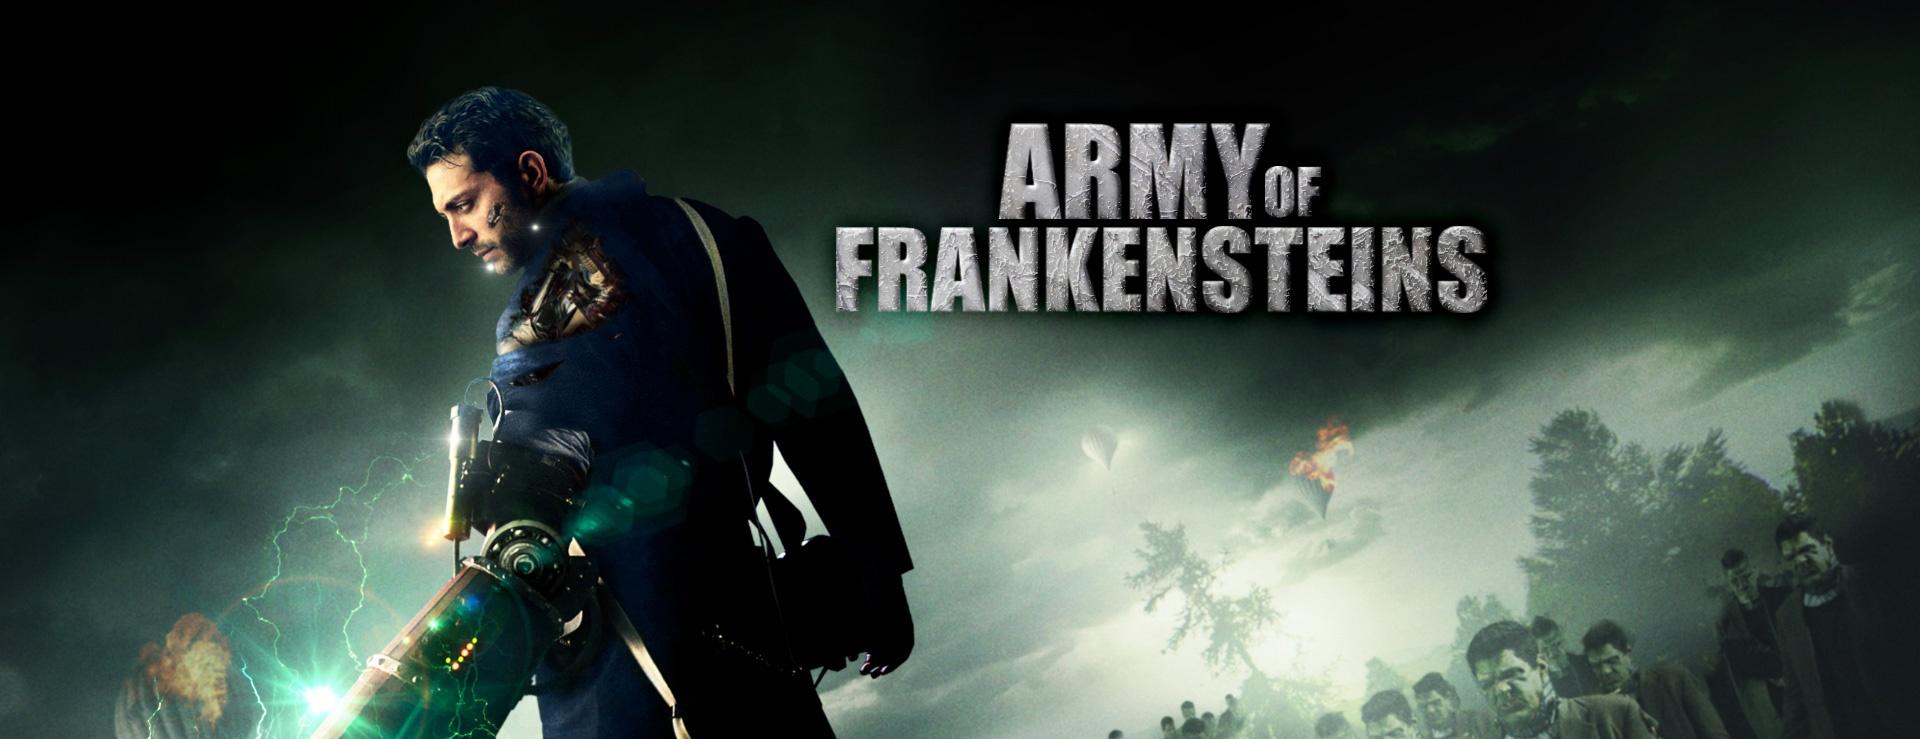 ArmyOfFrankenstein_Hero